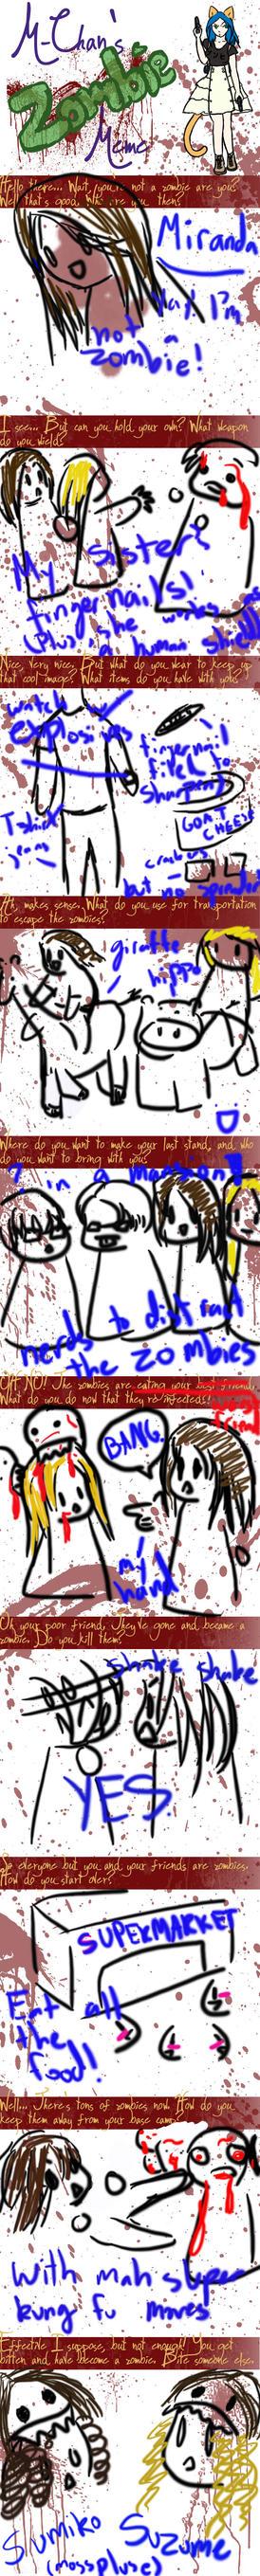 Zombie meme DONE MIRANDA STYLE by superiorcatgirl